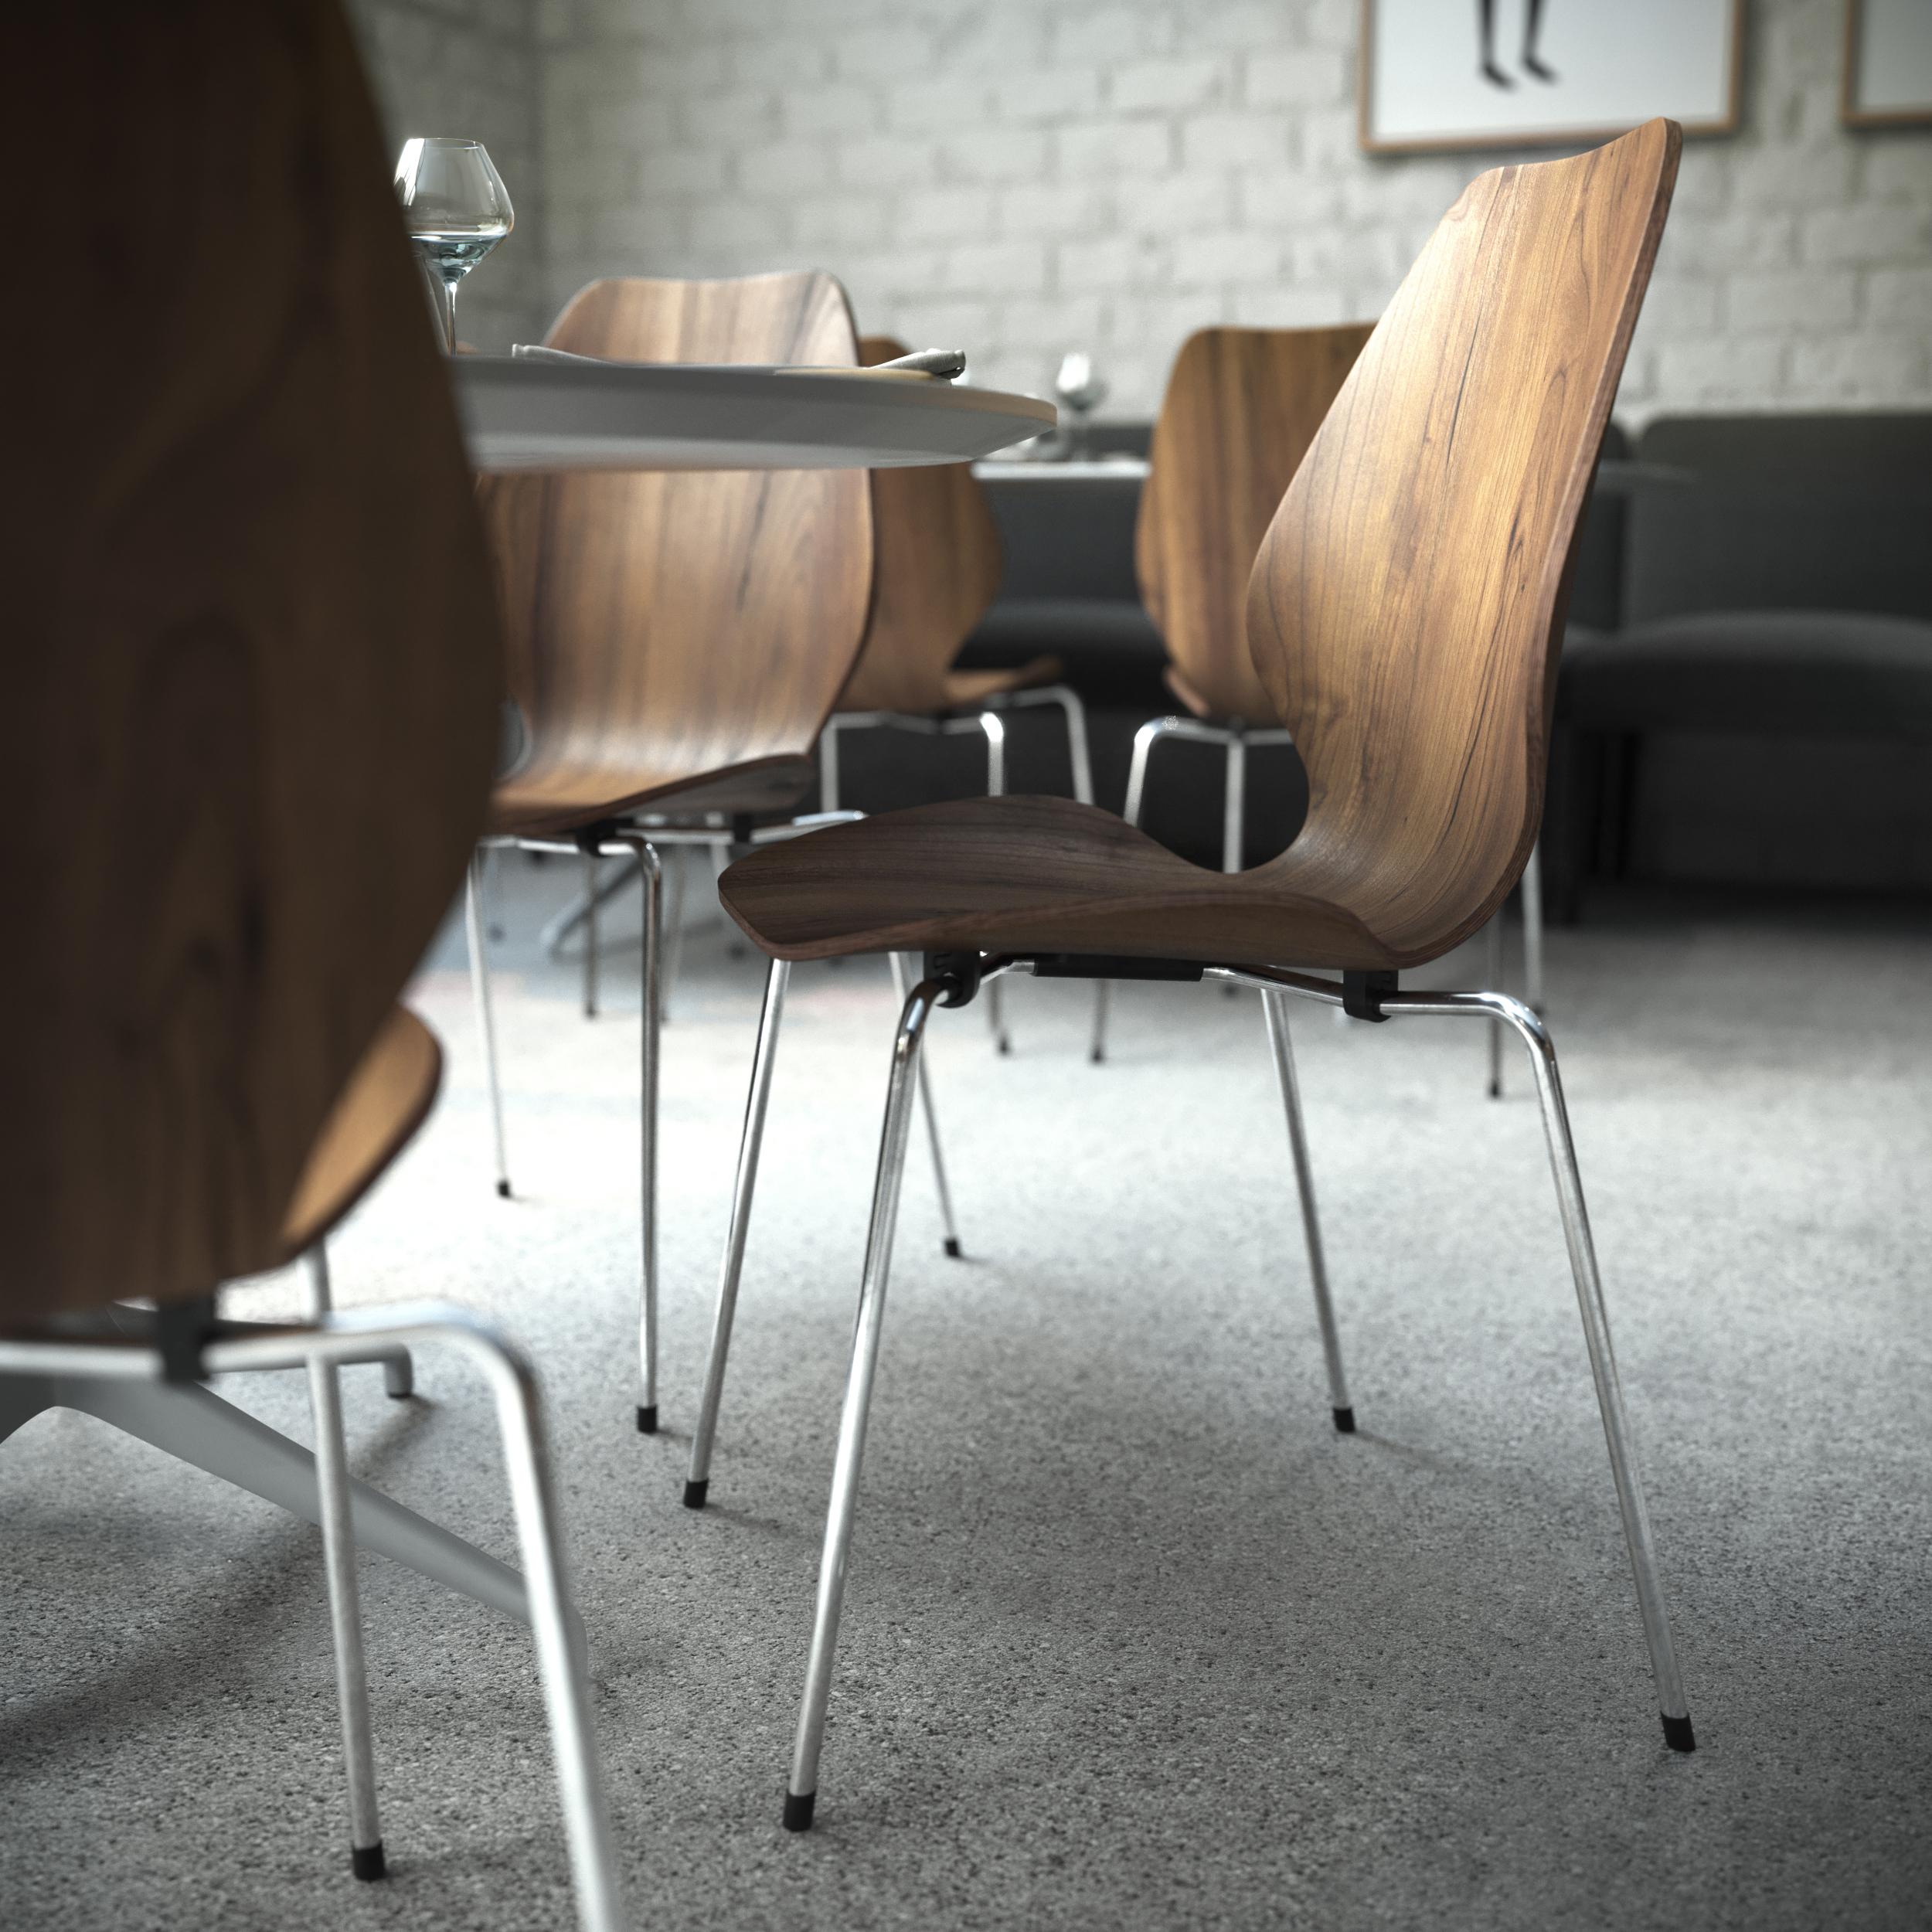 City original stol i valnøtt i en restaurant fra Fora Form